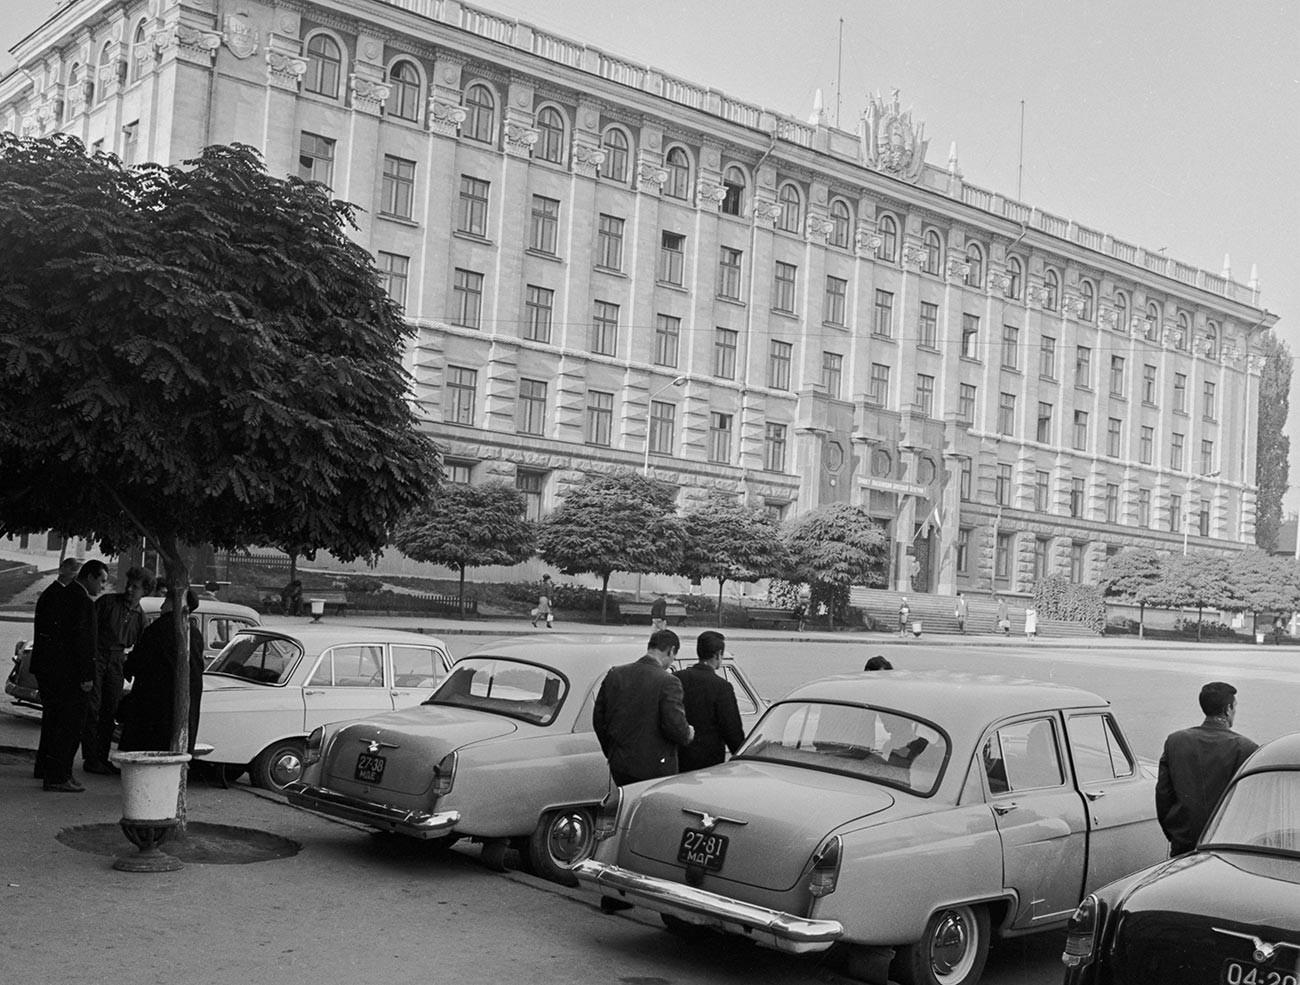 Akademie der Wissenschaften der Moldawischen SSR in Chișinău, 1966